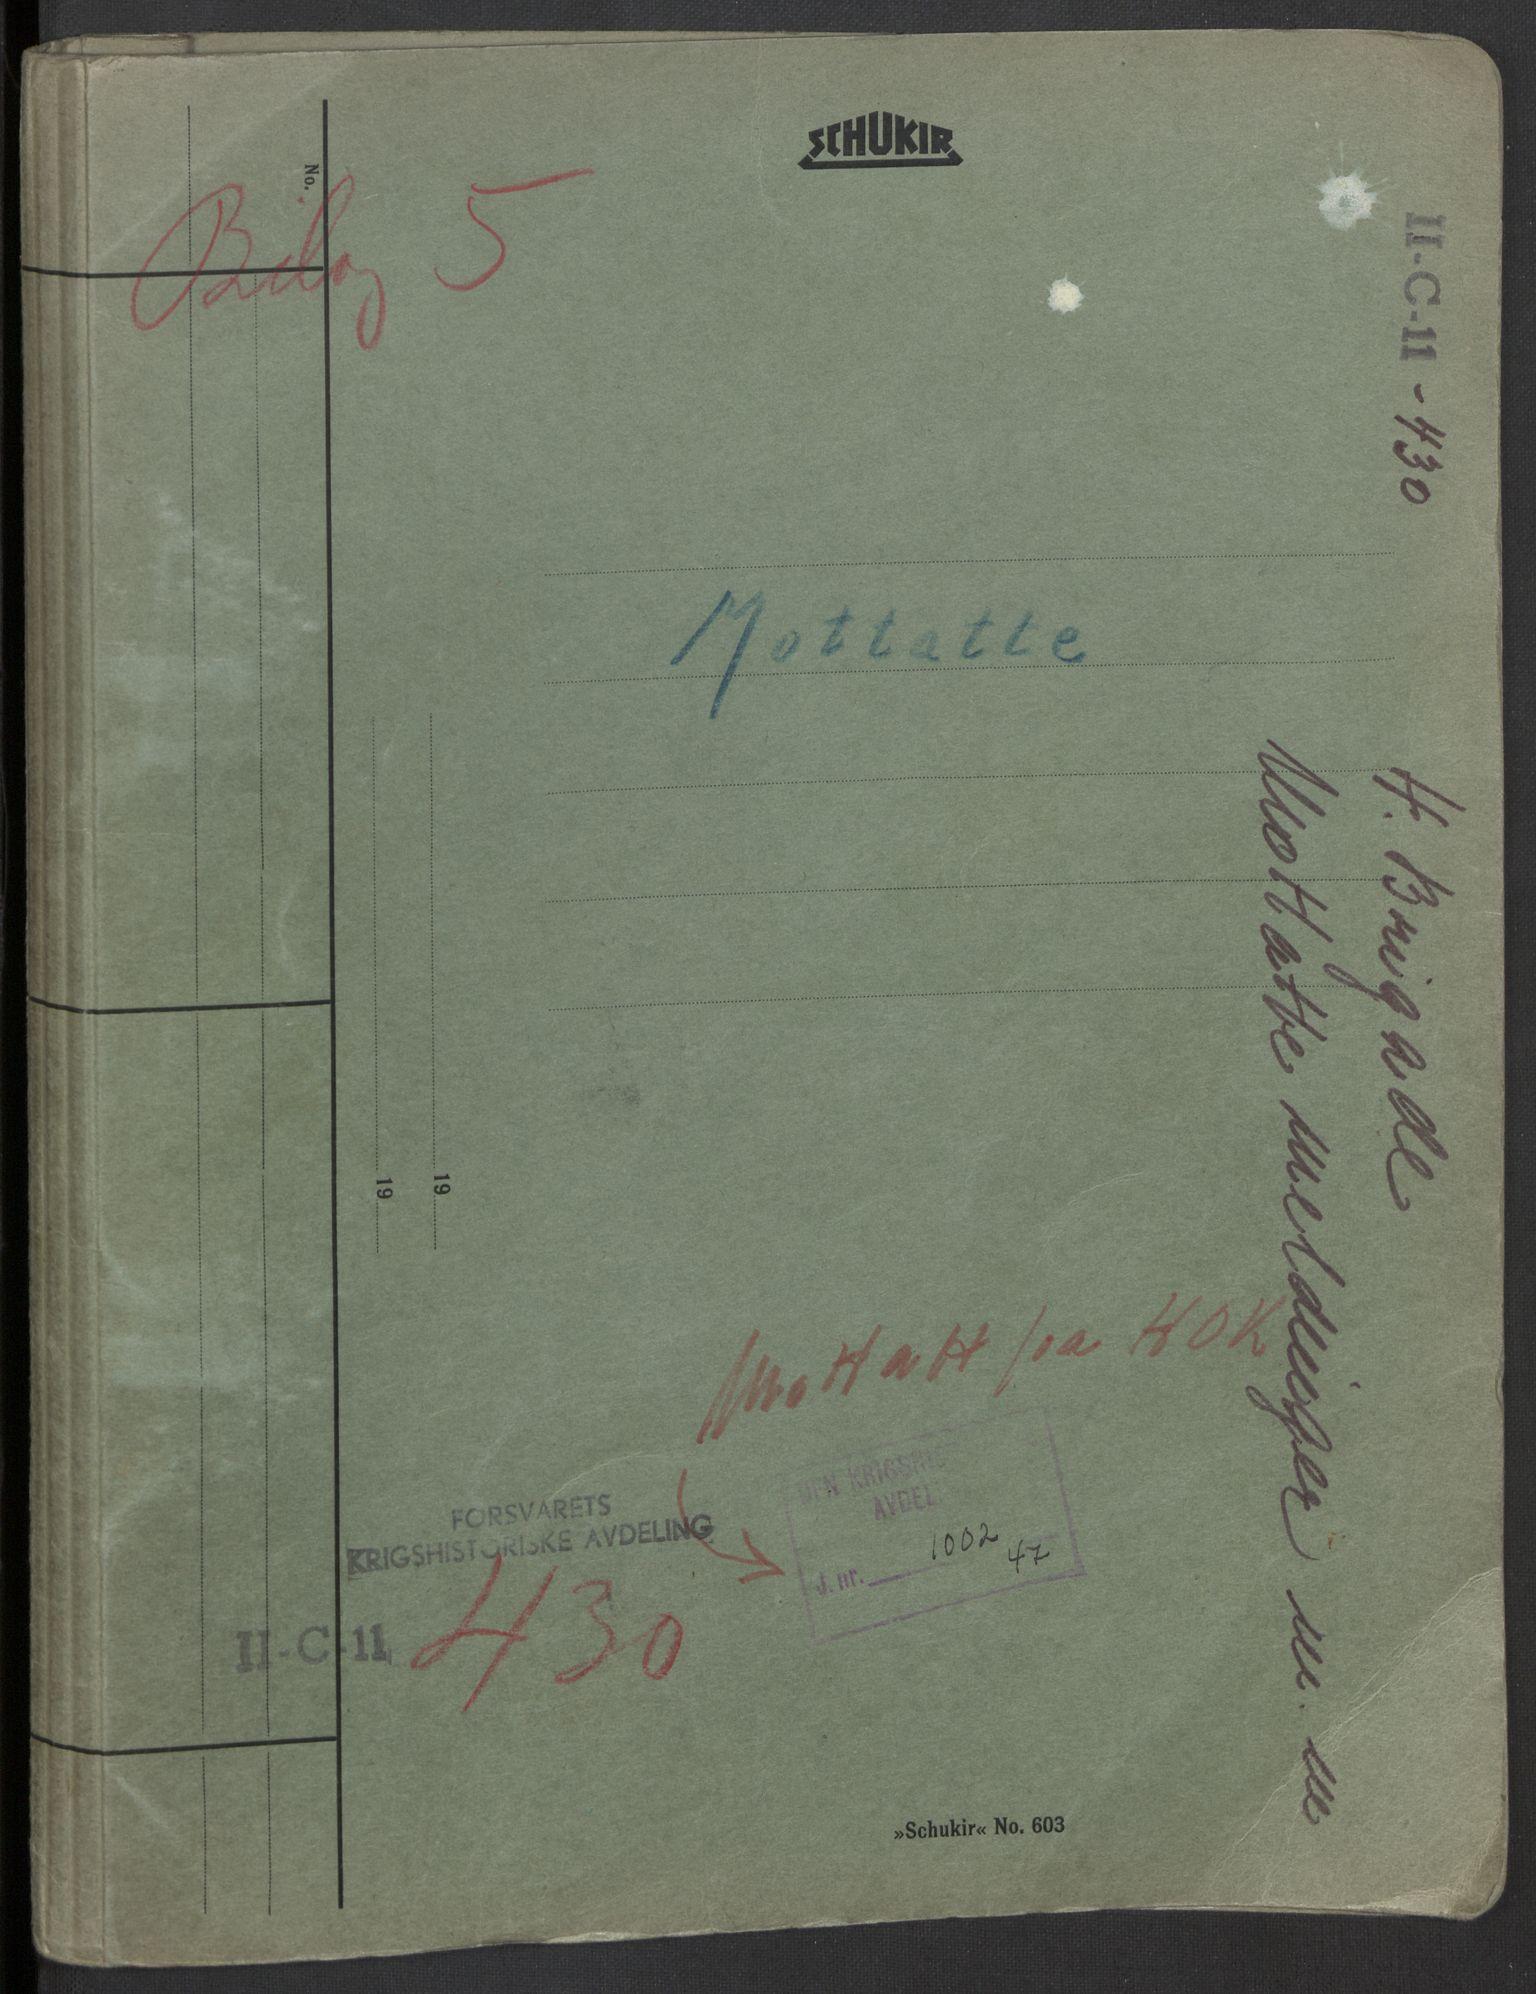 RA, Forsvaret, Forsvarets krigshistoriske avdeling, Y/Yb/L0104: II-C-11-430  -  4. Divisjon., 1940, s. 130